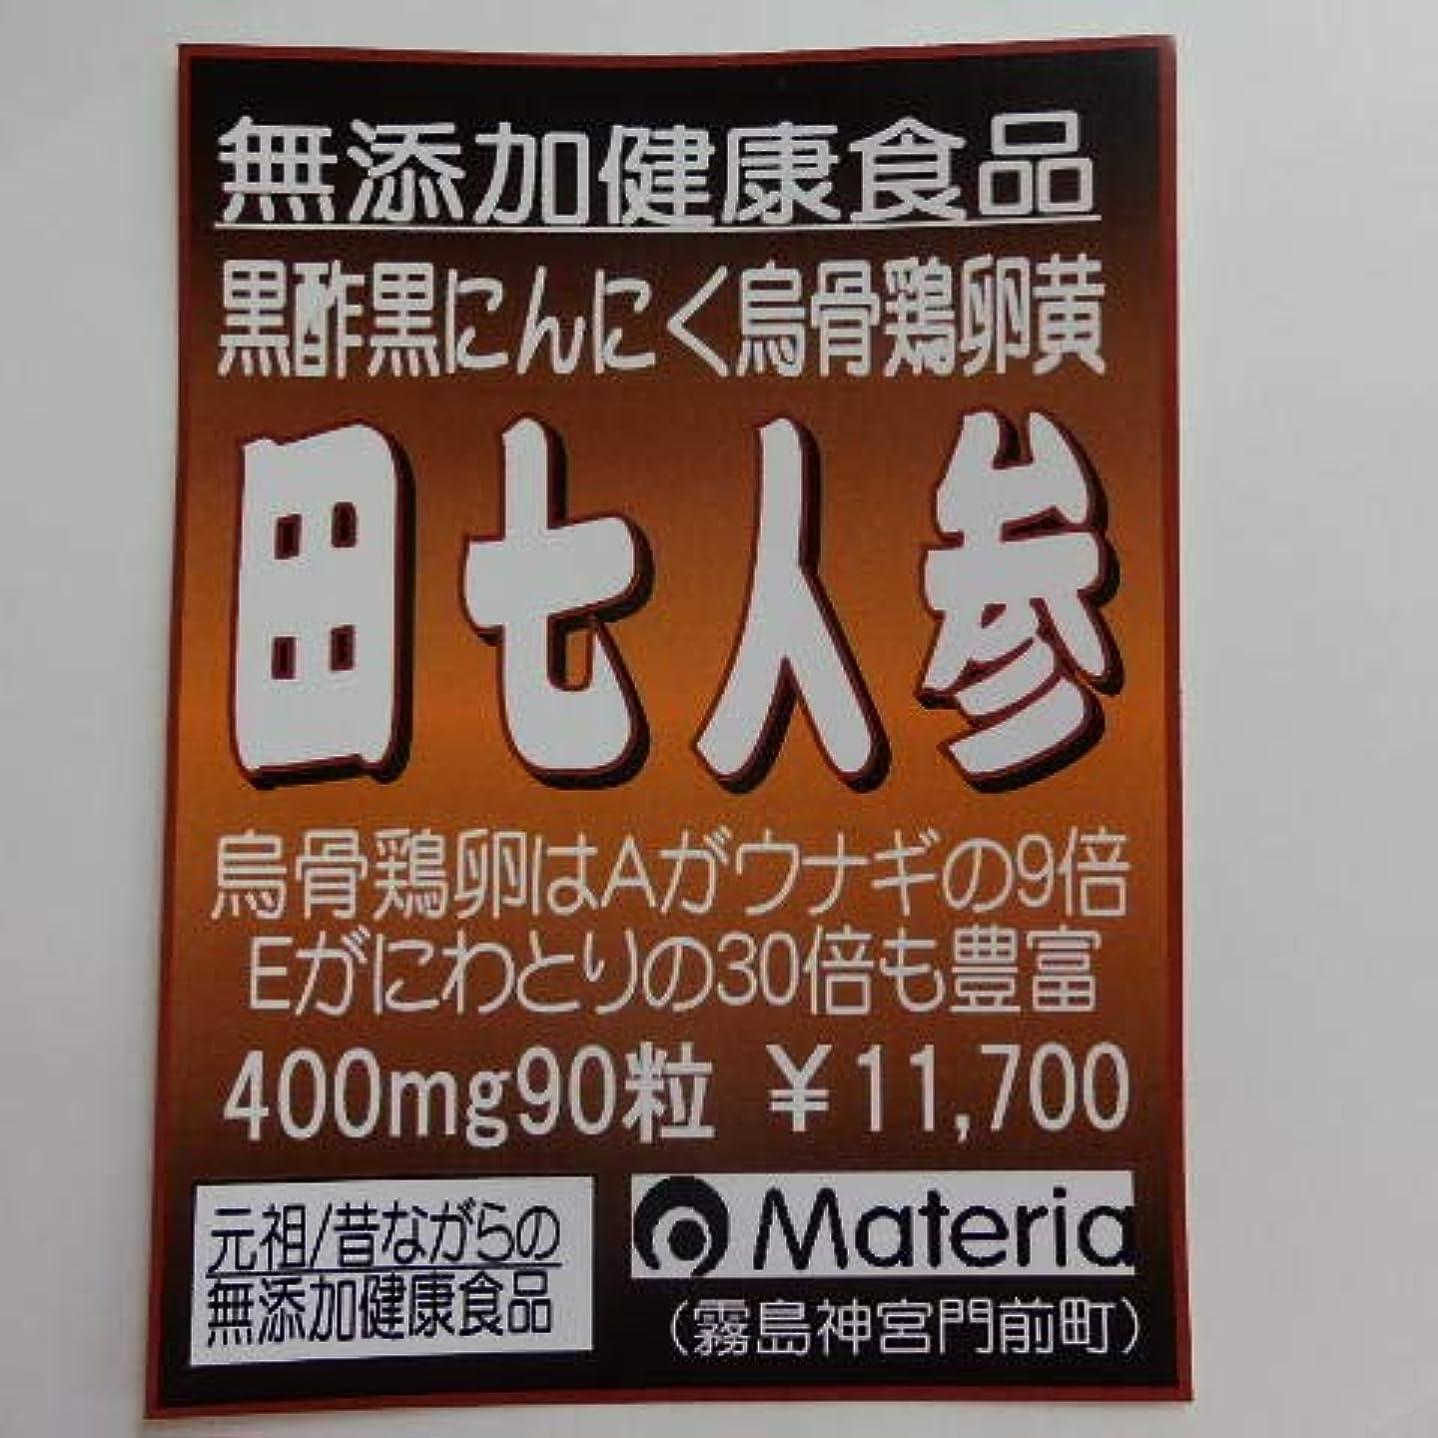 円形修復寄託無添加健康食品/黒酢黒にんにく烏骨鶏卵黄/田七人参(90粒)90日分¥11,700